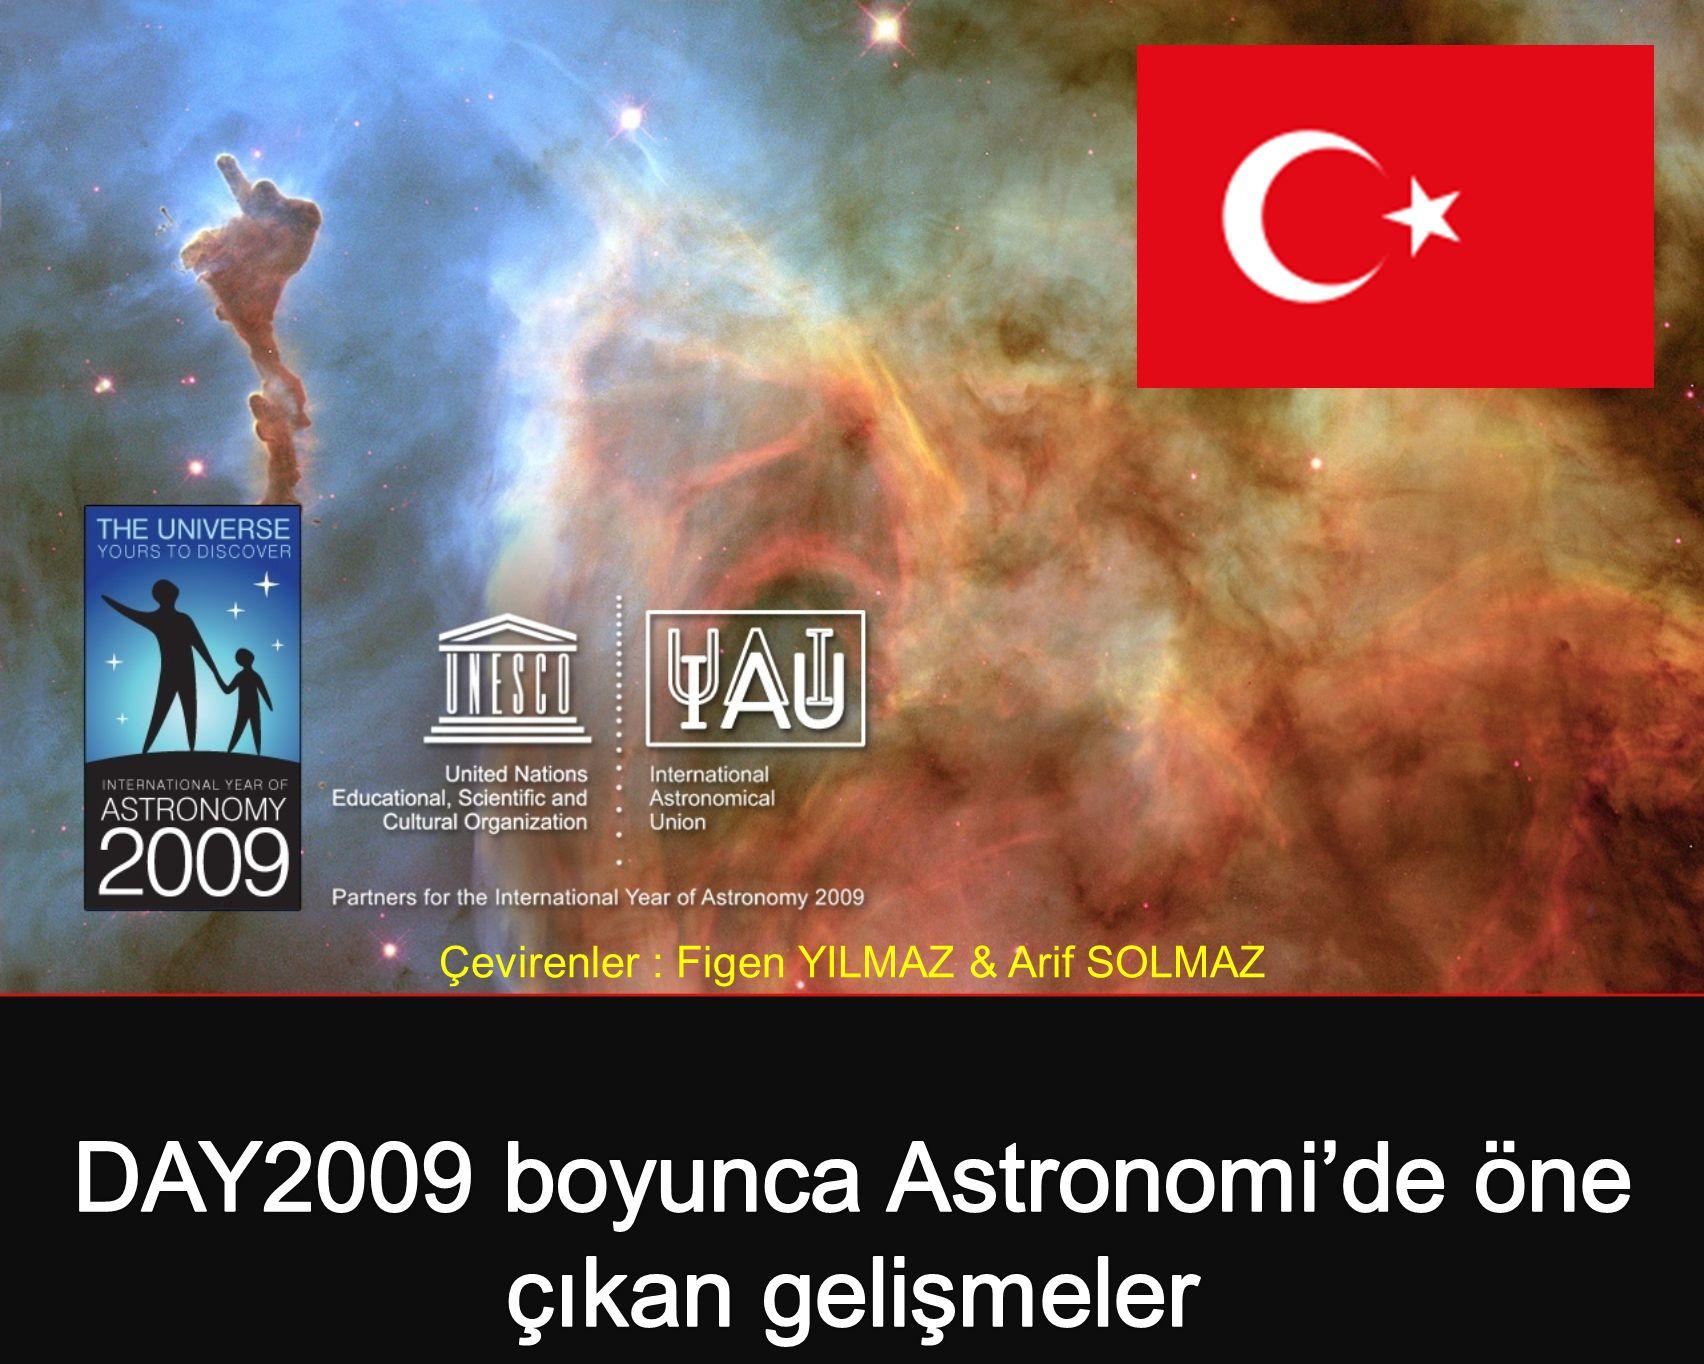 Çevirenler : Figen YILMAZ & Arif SOLMAZ